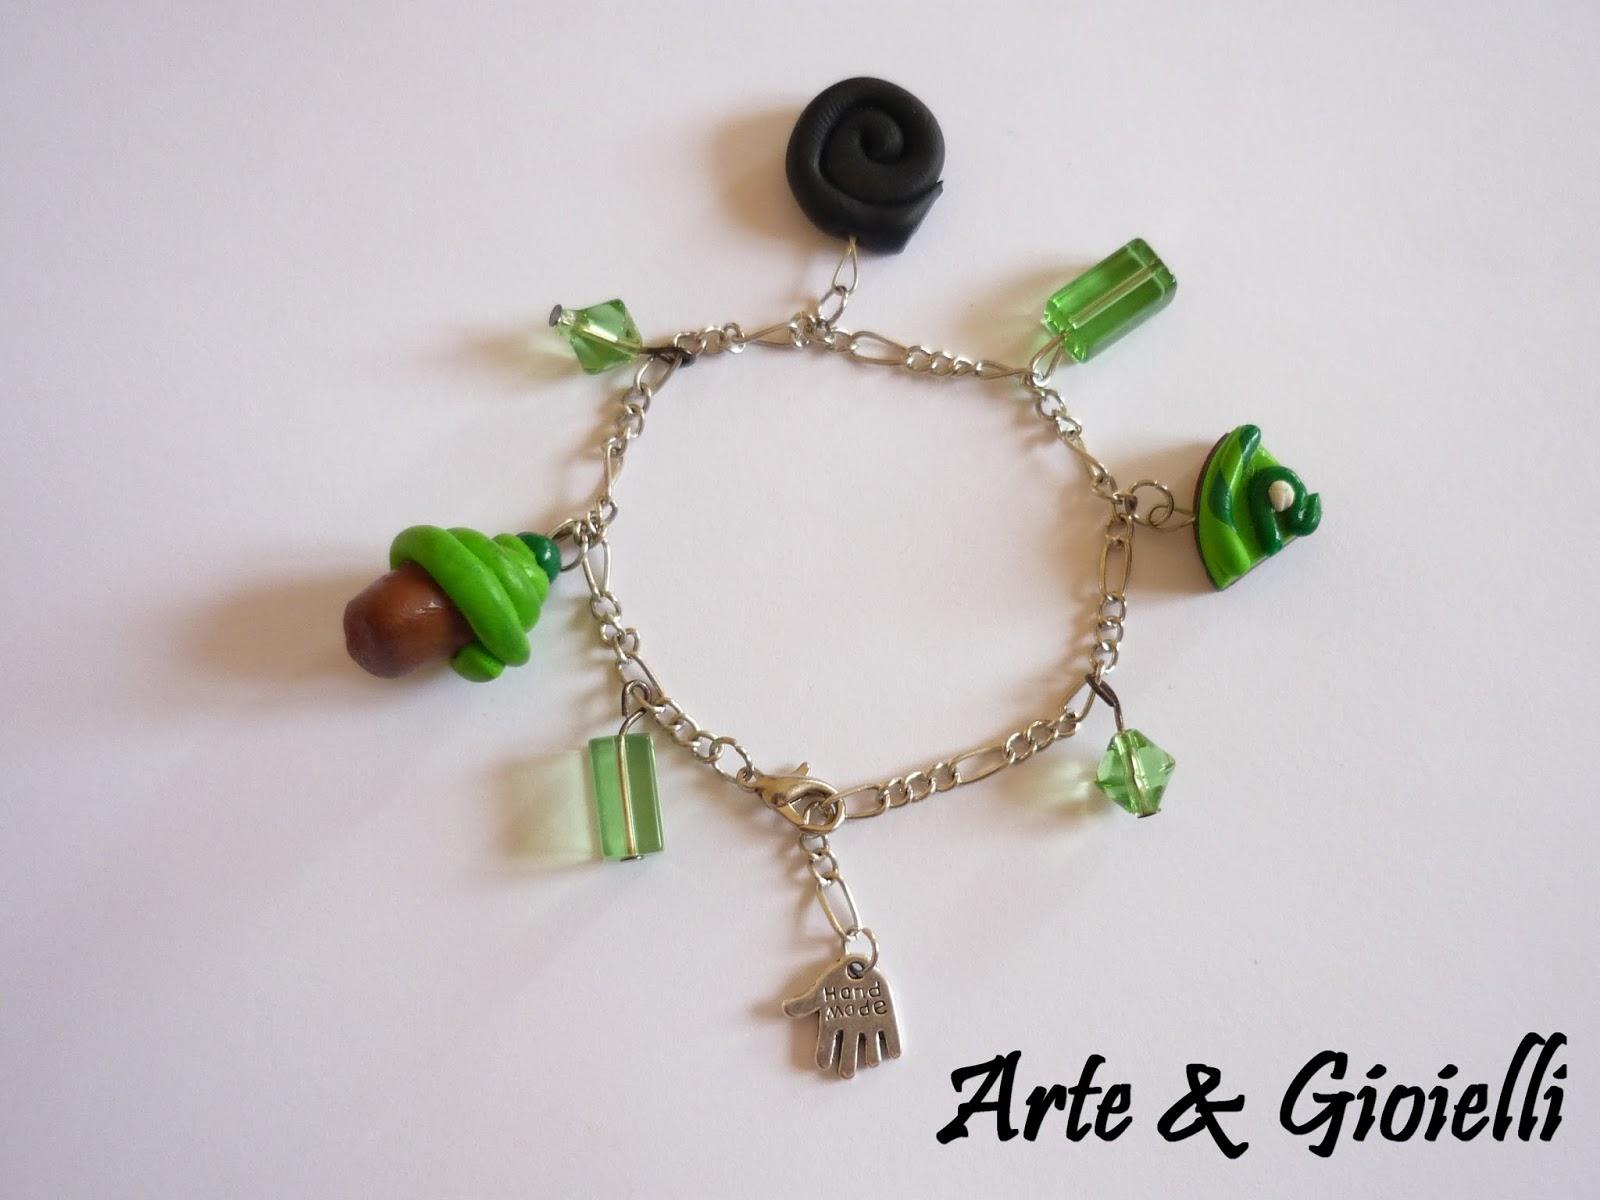 Arte gioielli bracciali in pasta di ceramica lucite e fimo for Siti cinesi gioielli